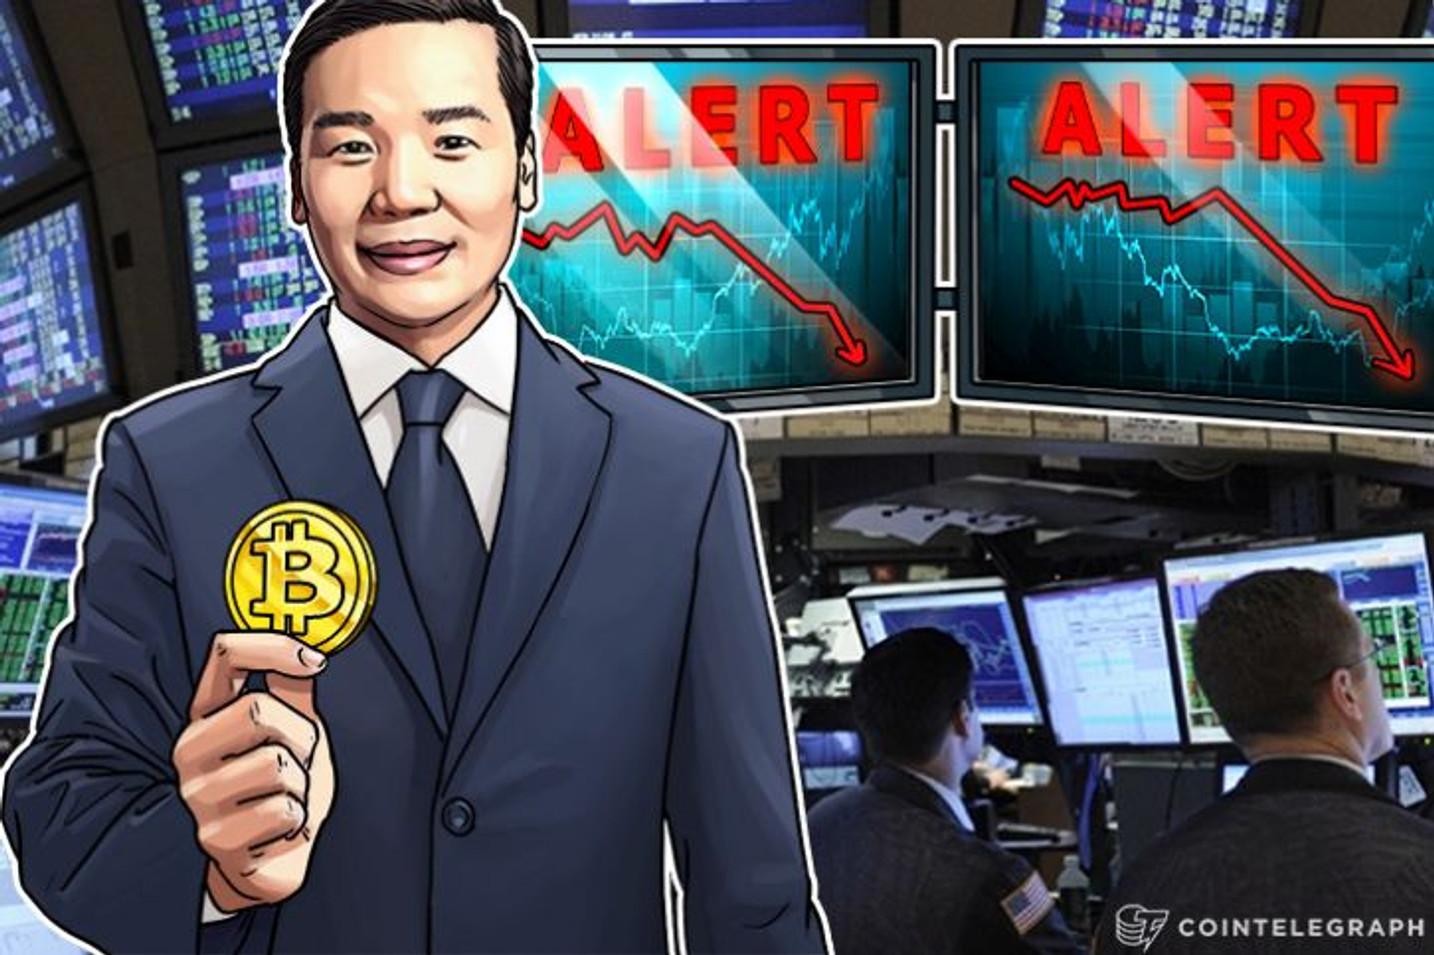 中国当局による取り締まり強化を懸念し、中国でビットコインがメインストリームに